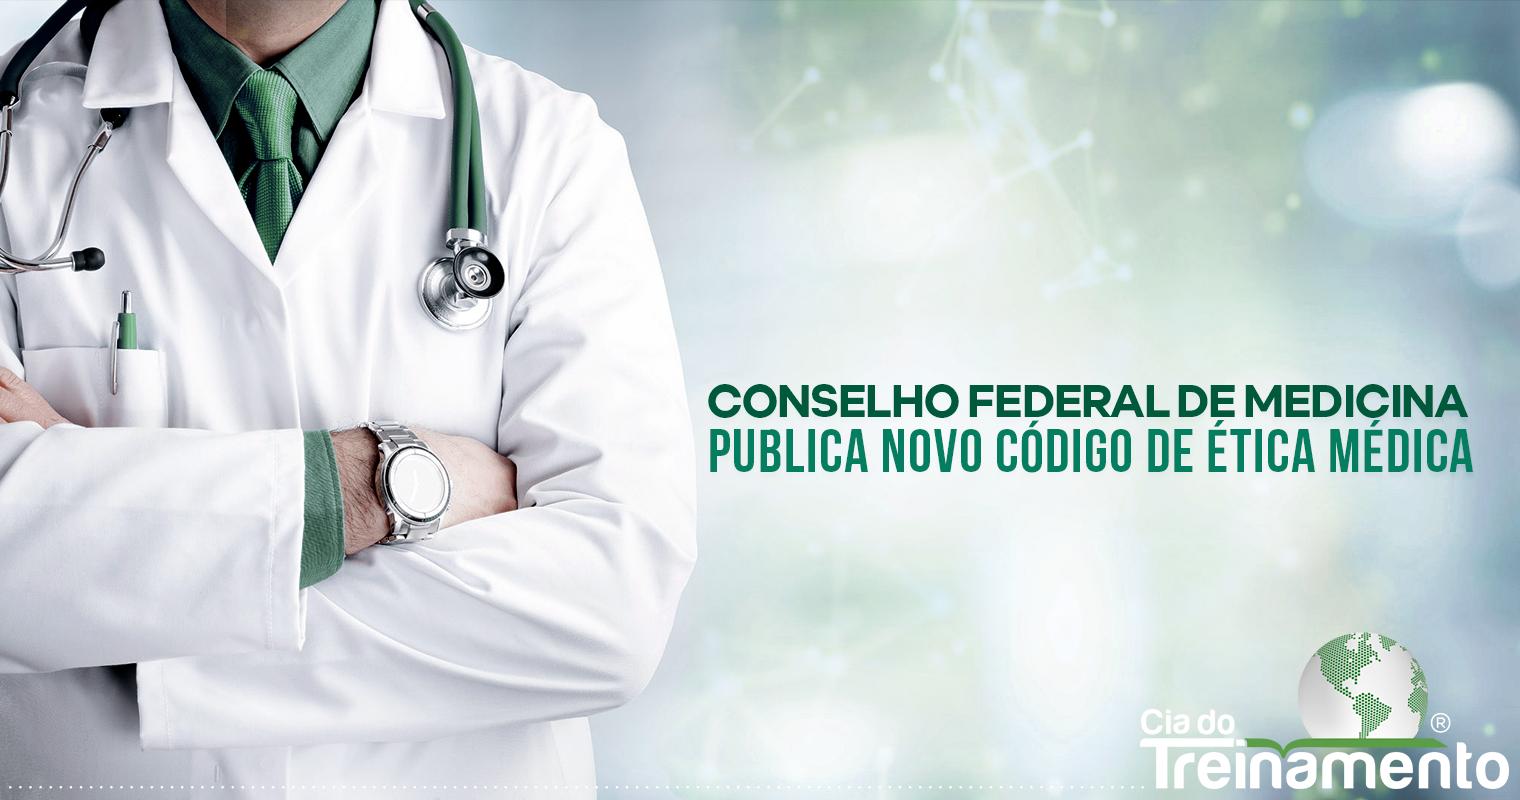 Conselho Federal de Medicina publica novo Código de Ética Médica